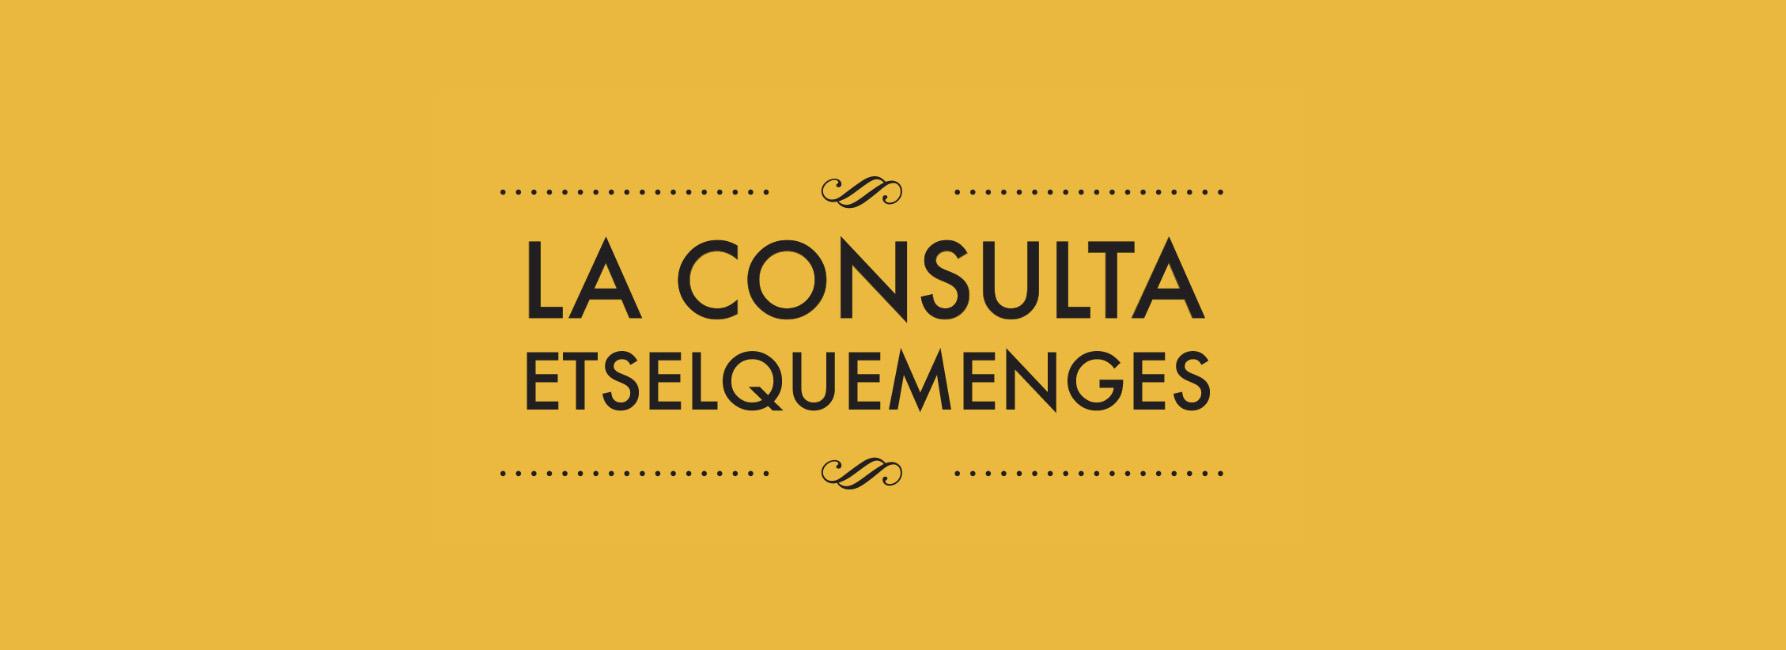 Sortegem 1 visita gratuïta a la Consulta d'Etselquemenges